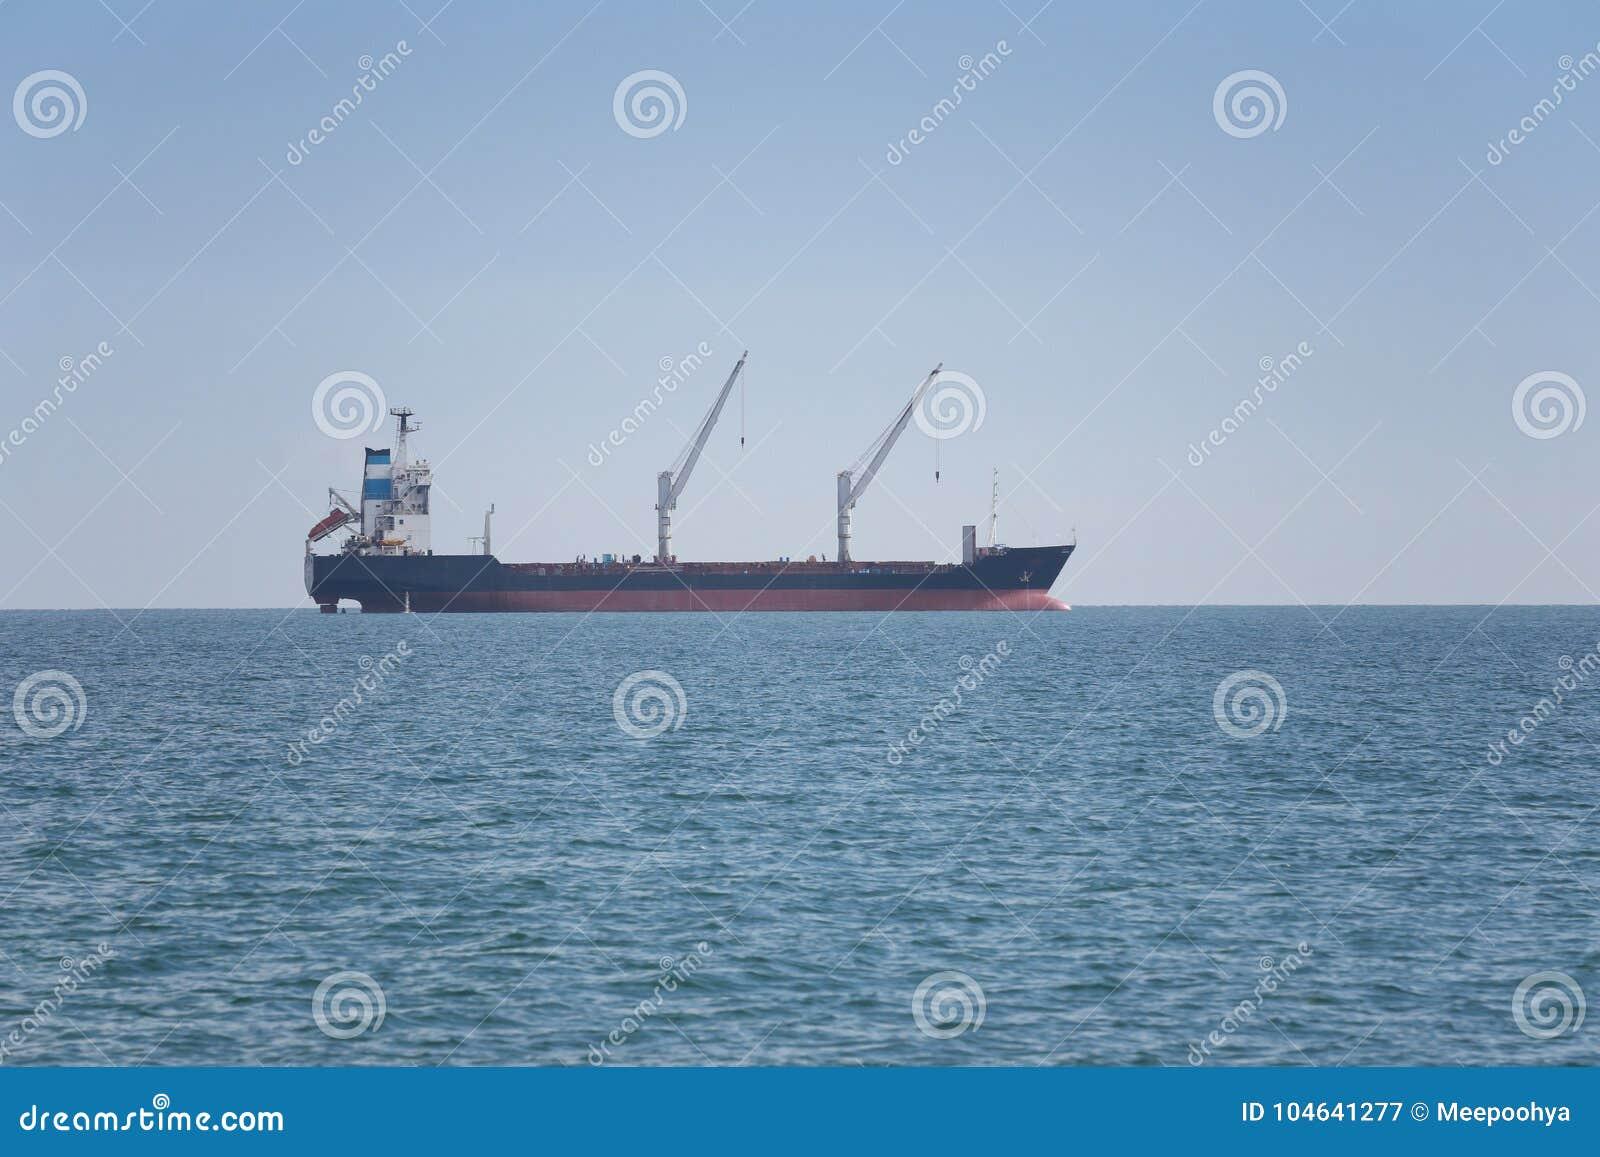 Download Vrachtschip In Het Overzees Stock Afbeelding - Afbeelding bestaande uit globaal, carrier: 104641277